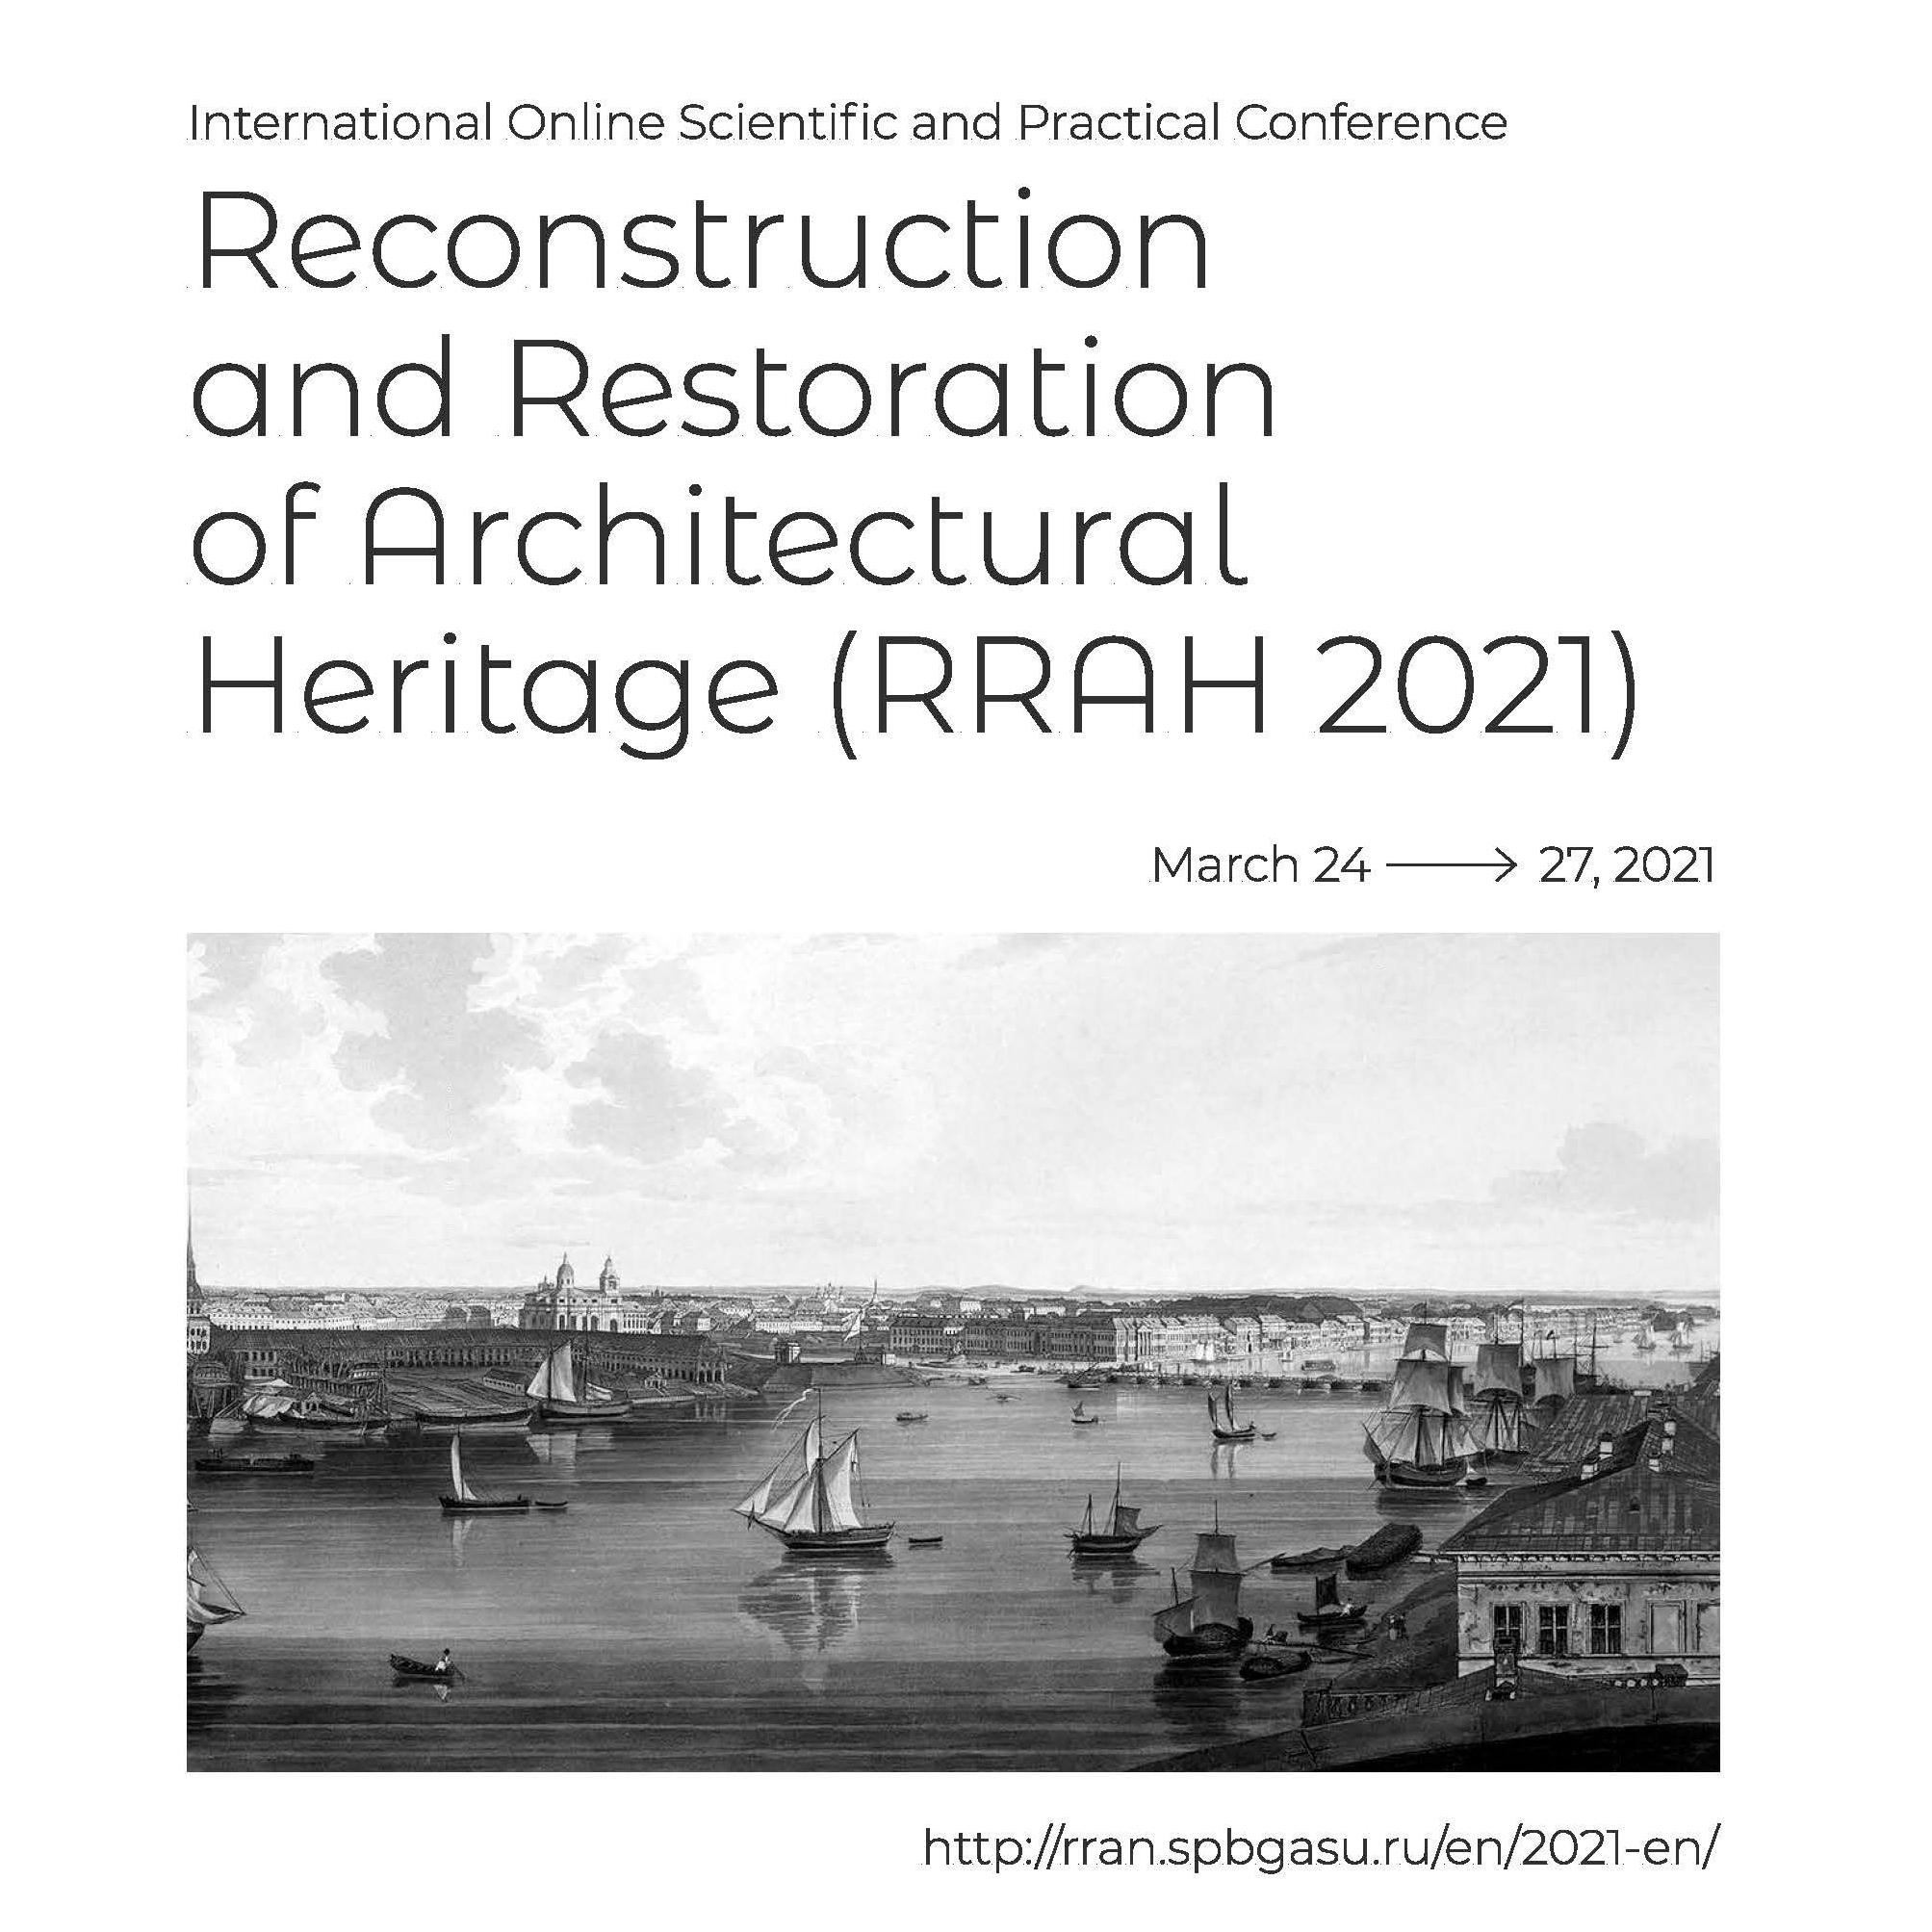 RRAH 2021